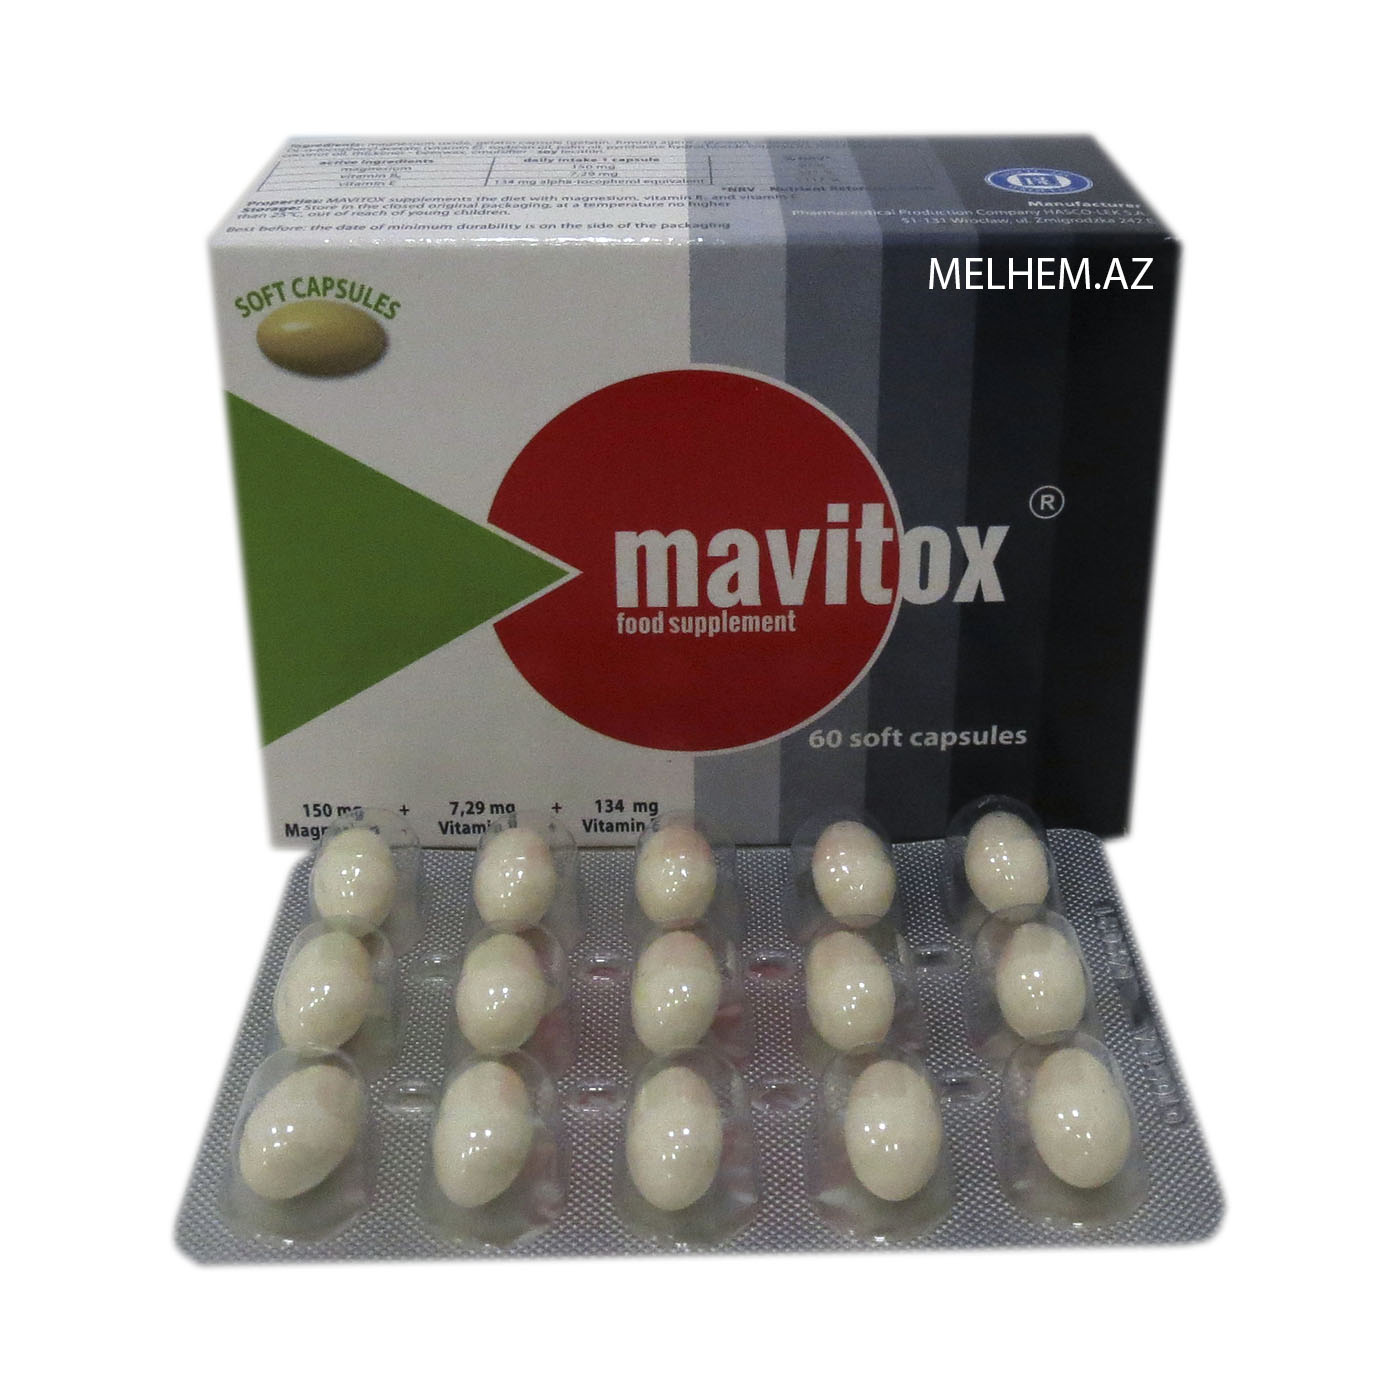 MAVITOX